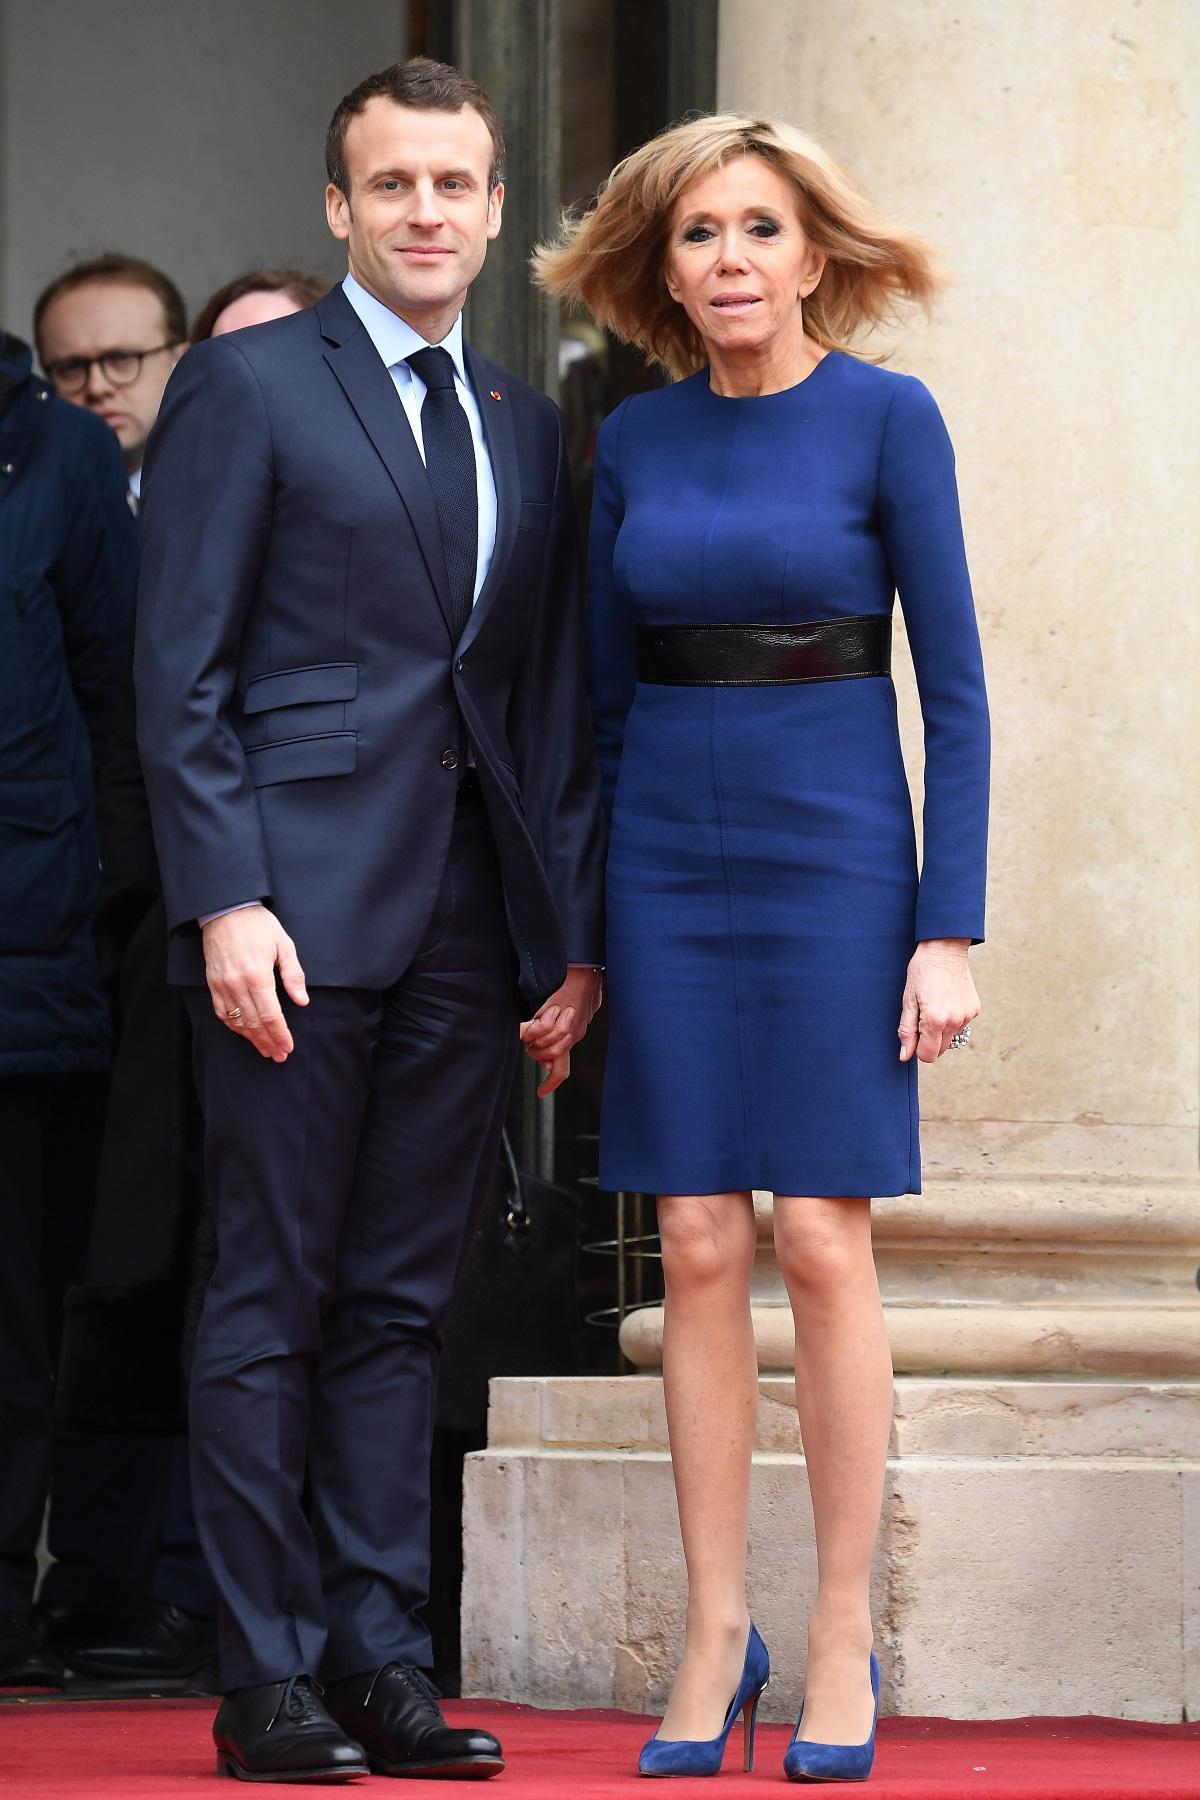 Брижит Макрон и президентът на Франция пред Елисейския дворец в очакване на пристигането на херцога и херцогинята на Люксембург.